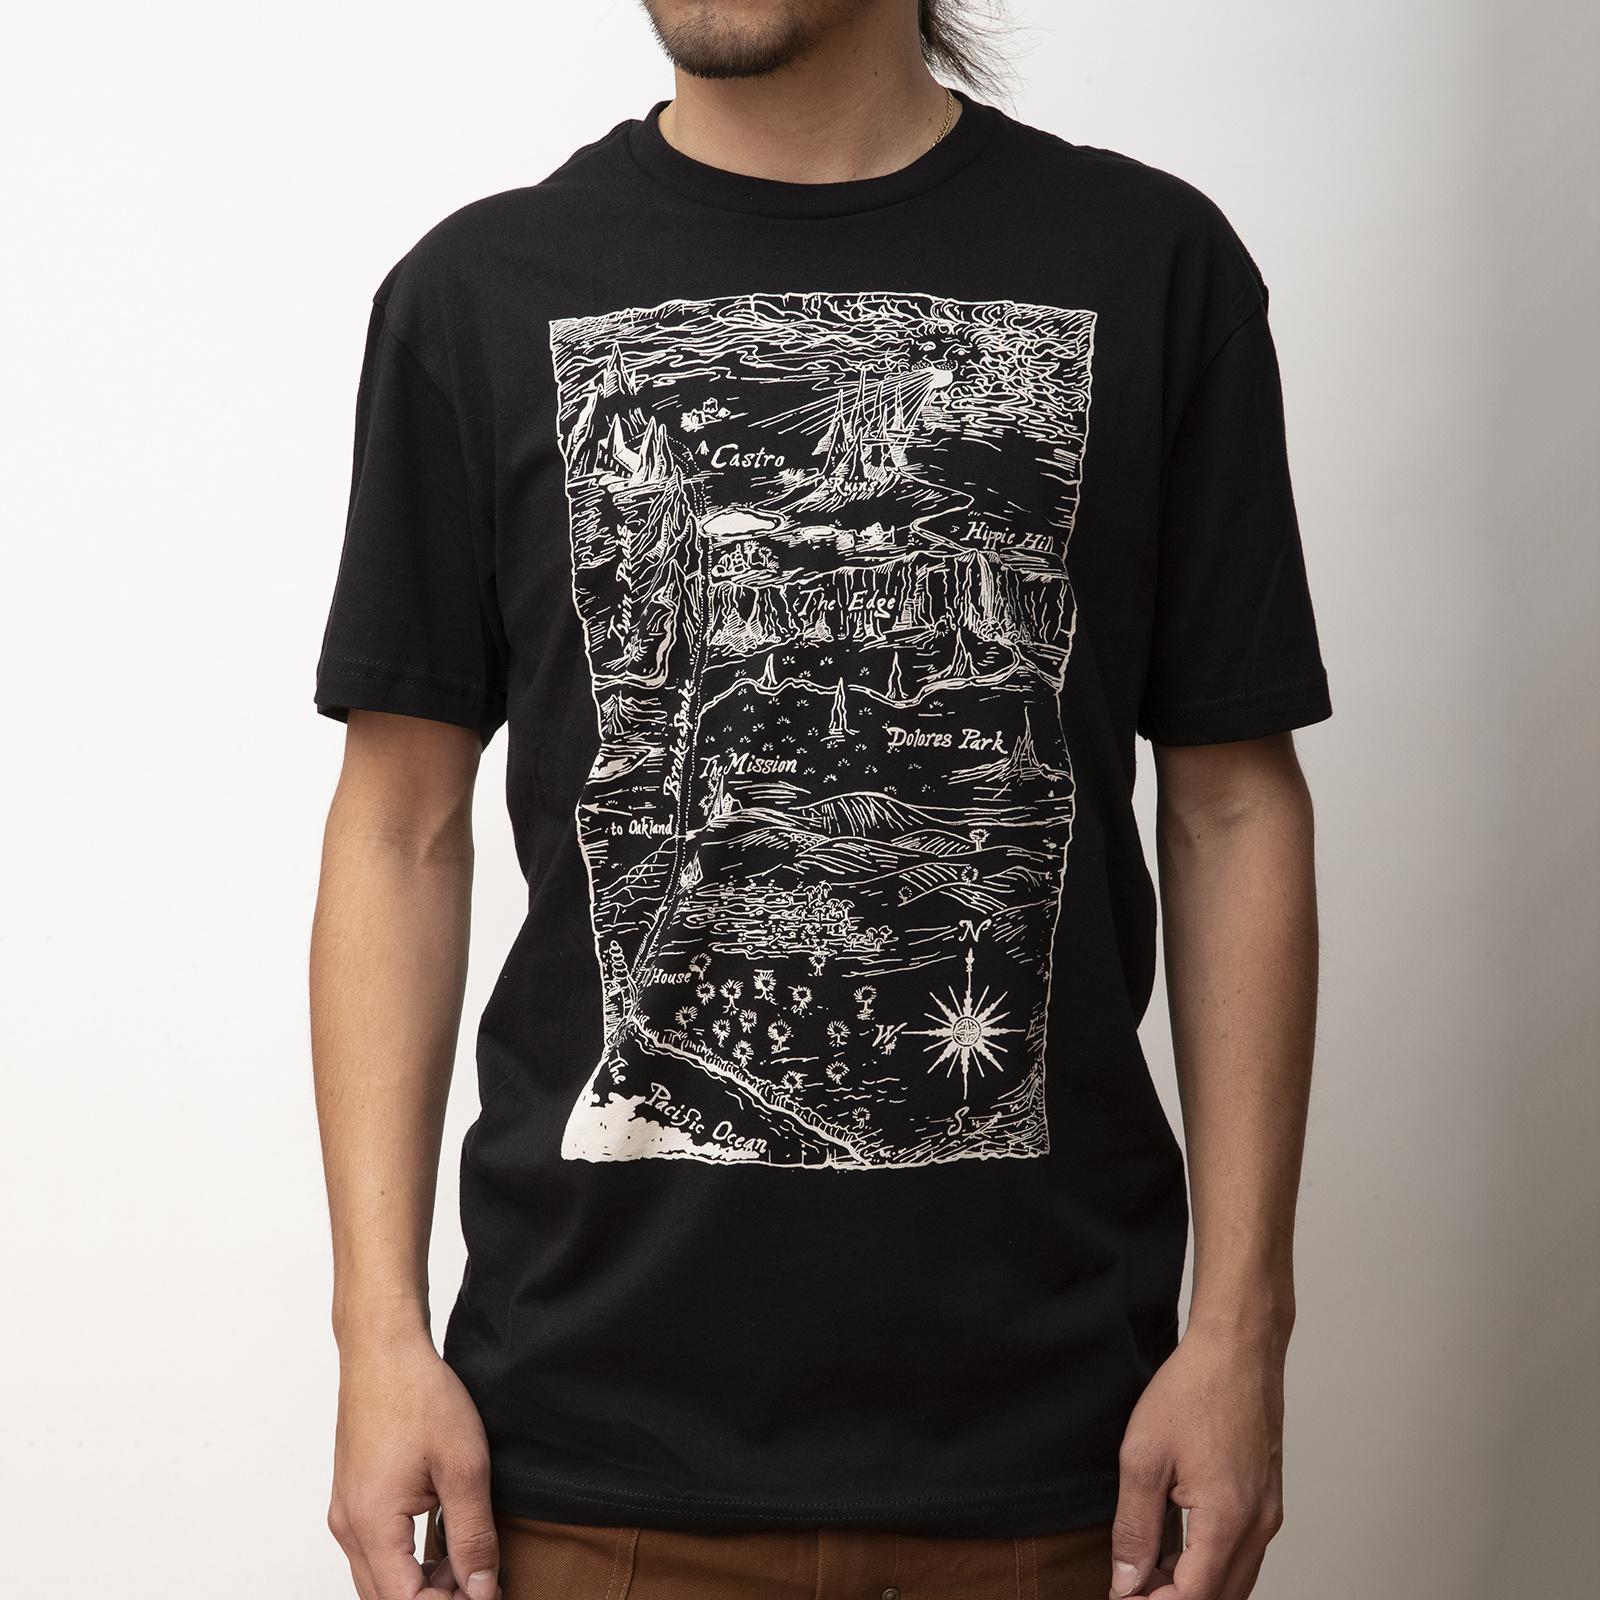 MASH Ruins T-Shirt Black with Bleach